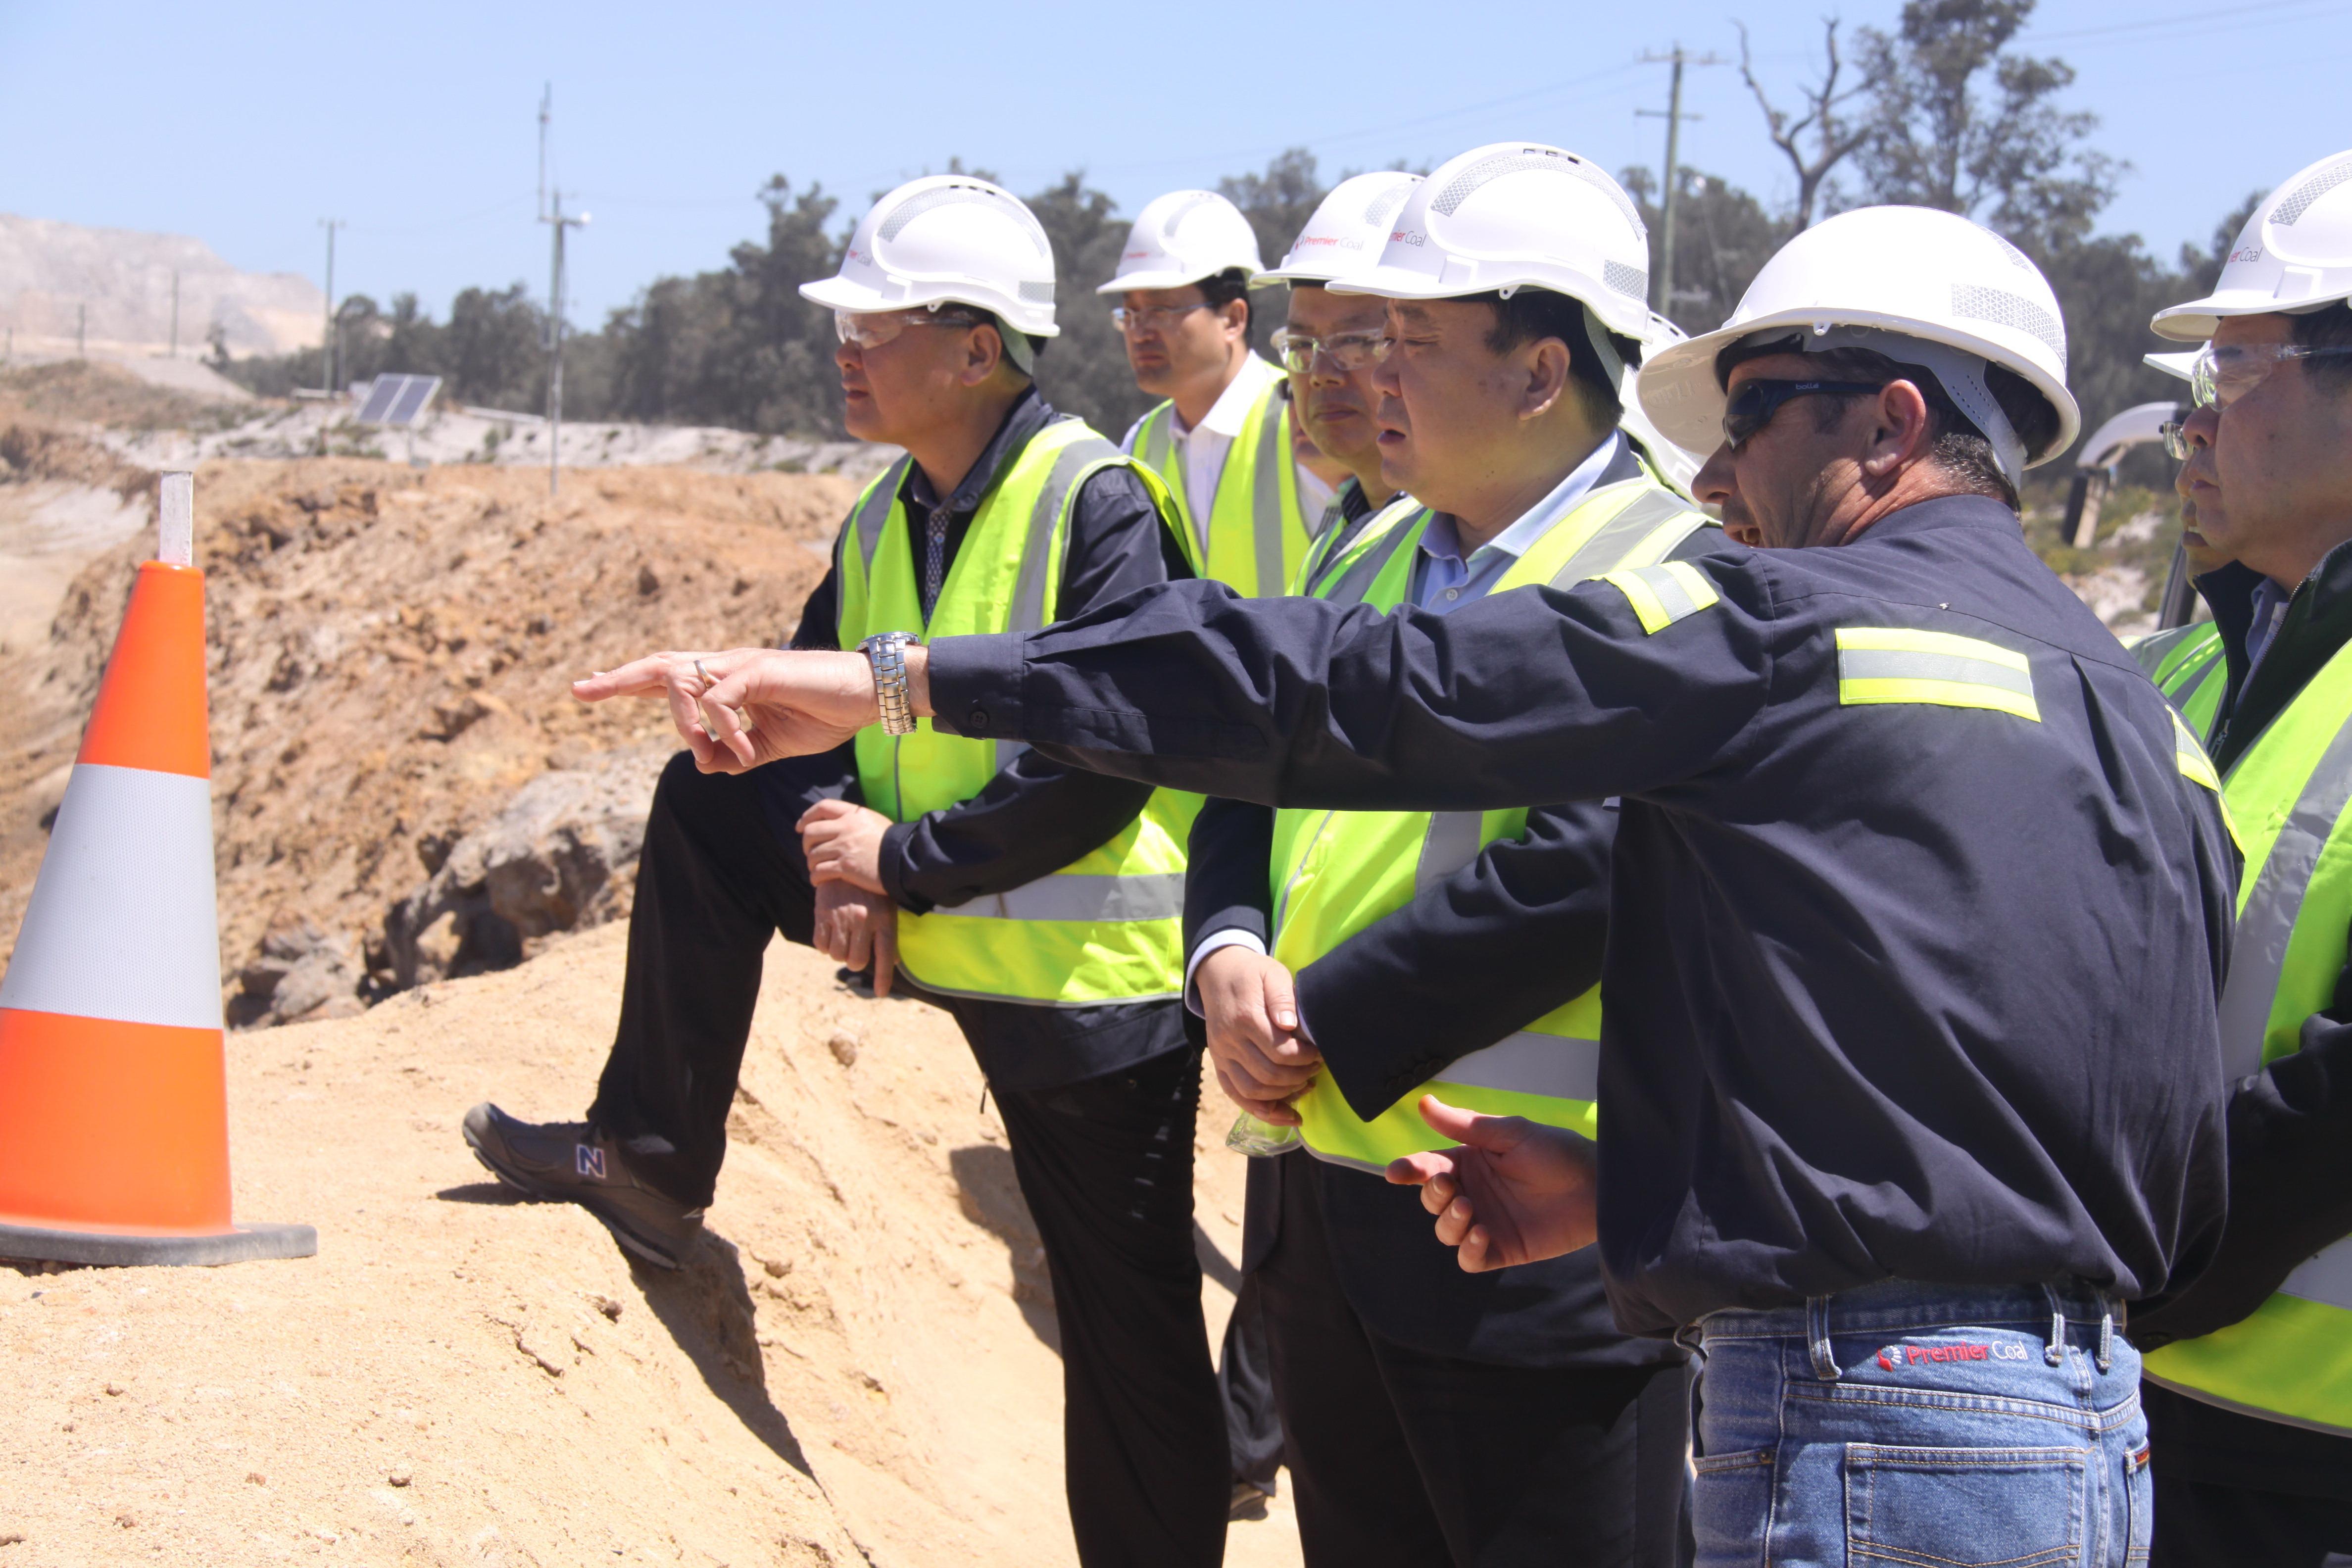 兖州煤业19.425亿收购准东铁路25%股权